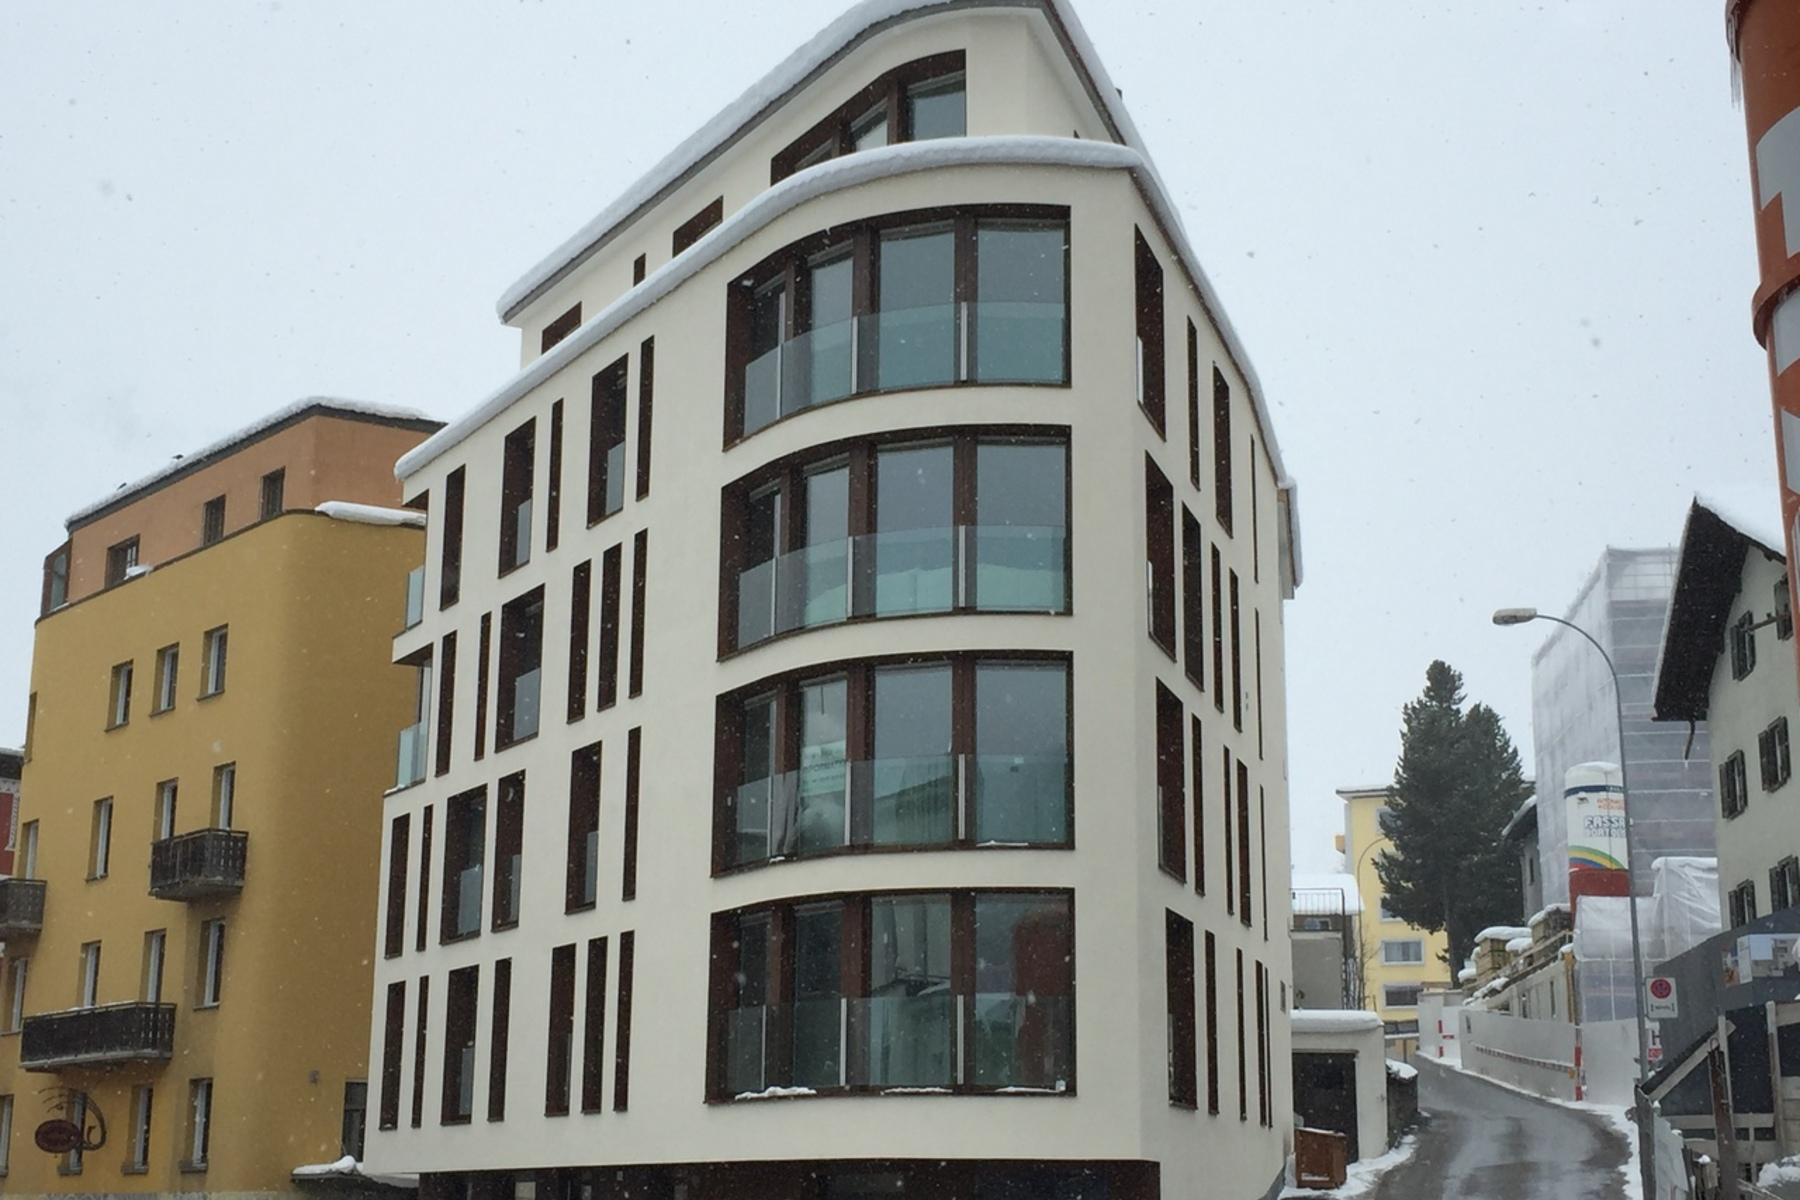 Appartement pour l Vente à New moderne 2.5 room apartment St. Moritz Bad St. Moritz, Grisons, 7500 Suisse